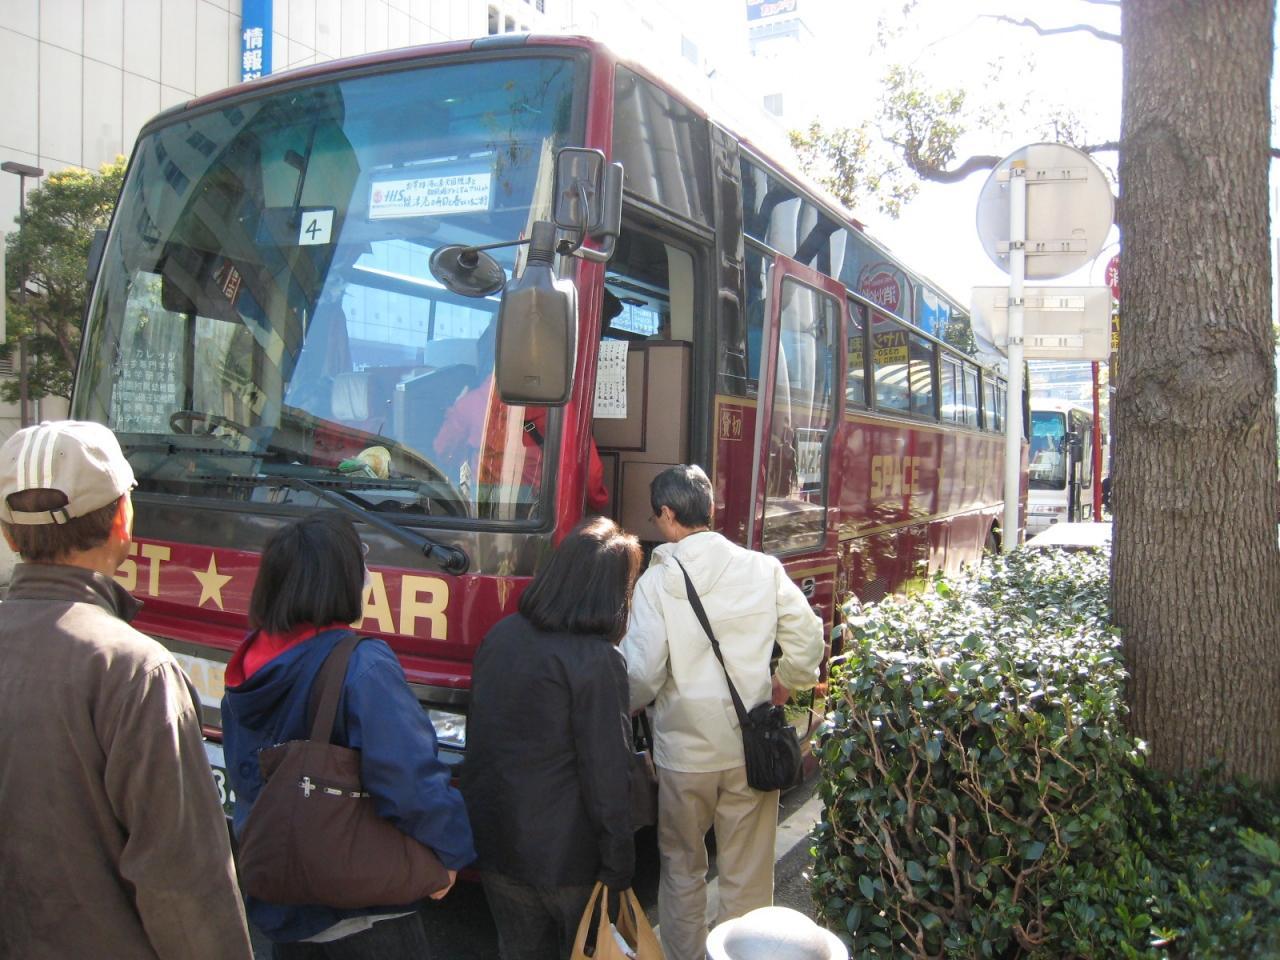 熟年好きもの夫婦 横浜からの参加者は49名。バス一台でした。 新宿出発はバス3台だったそう。 参加者はほとんどが熟年夫婦や熟年女性のお友達同士といった、まさに「おもいっきり ...